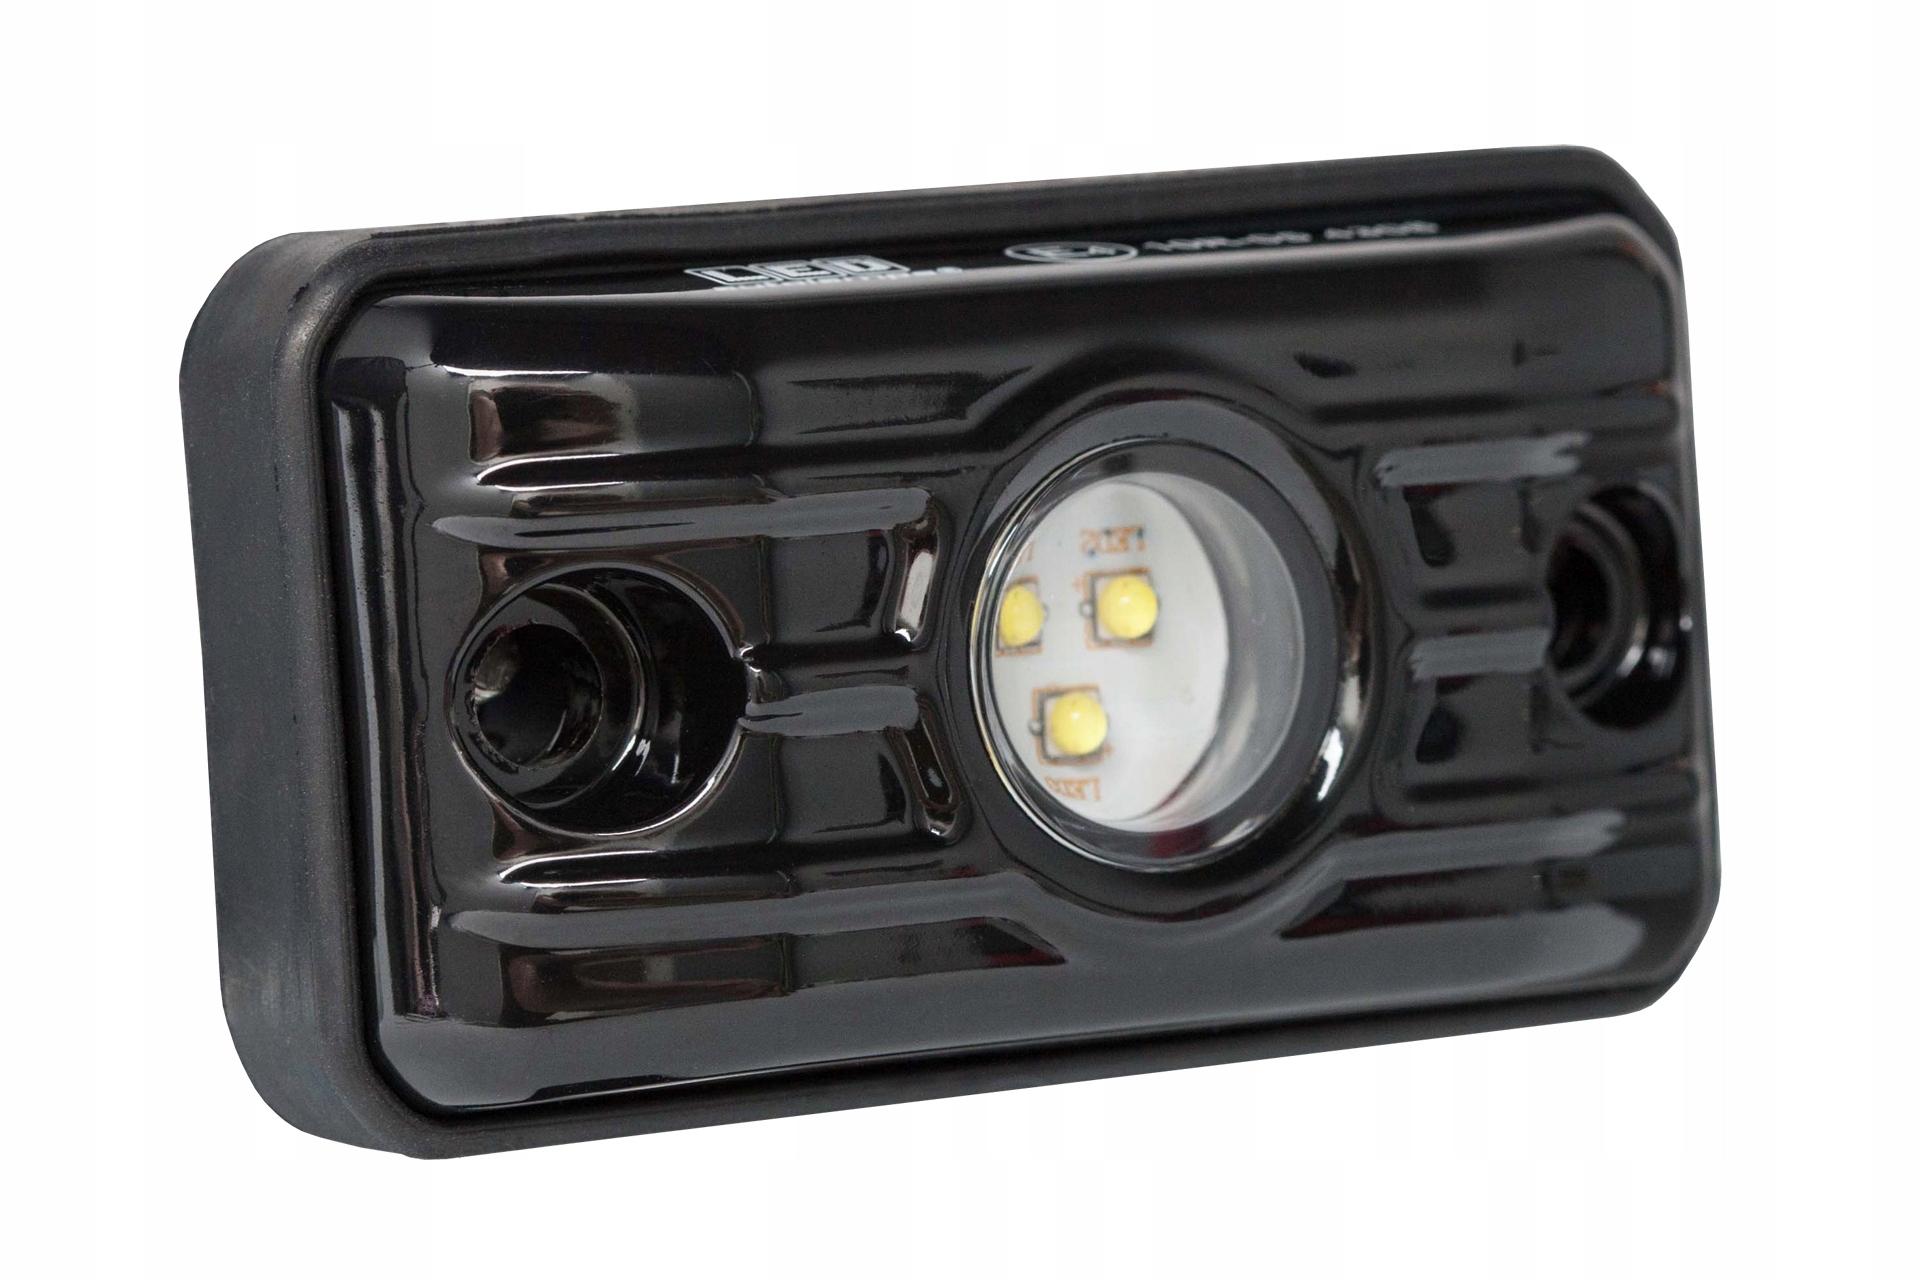 Светодиодная лампа освещения окружающей среды 15 Вт